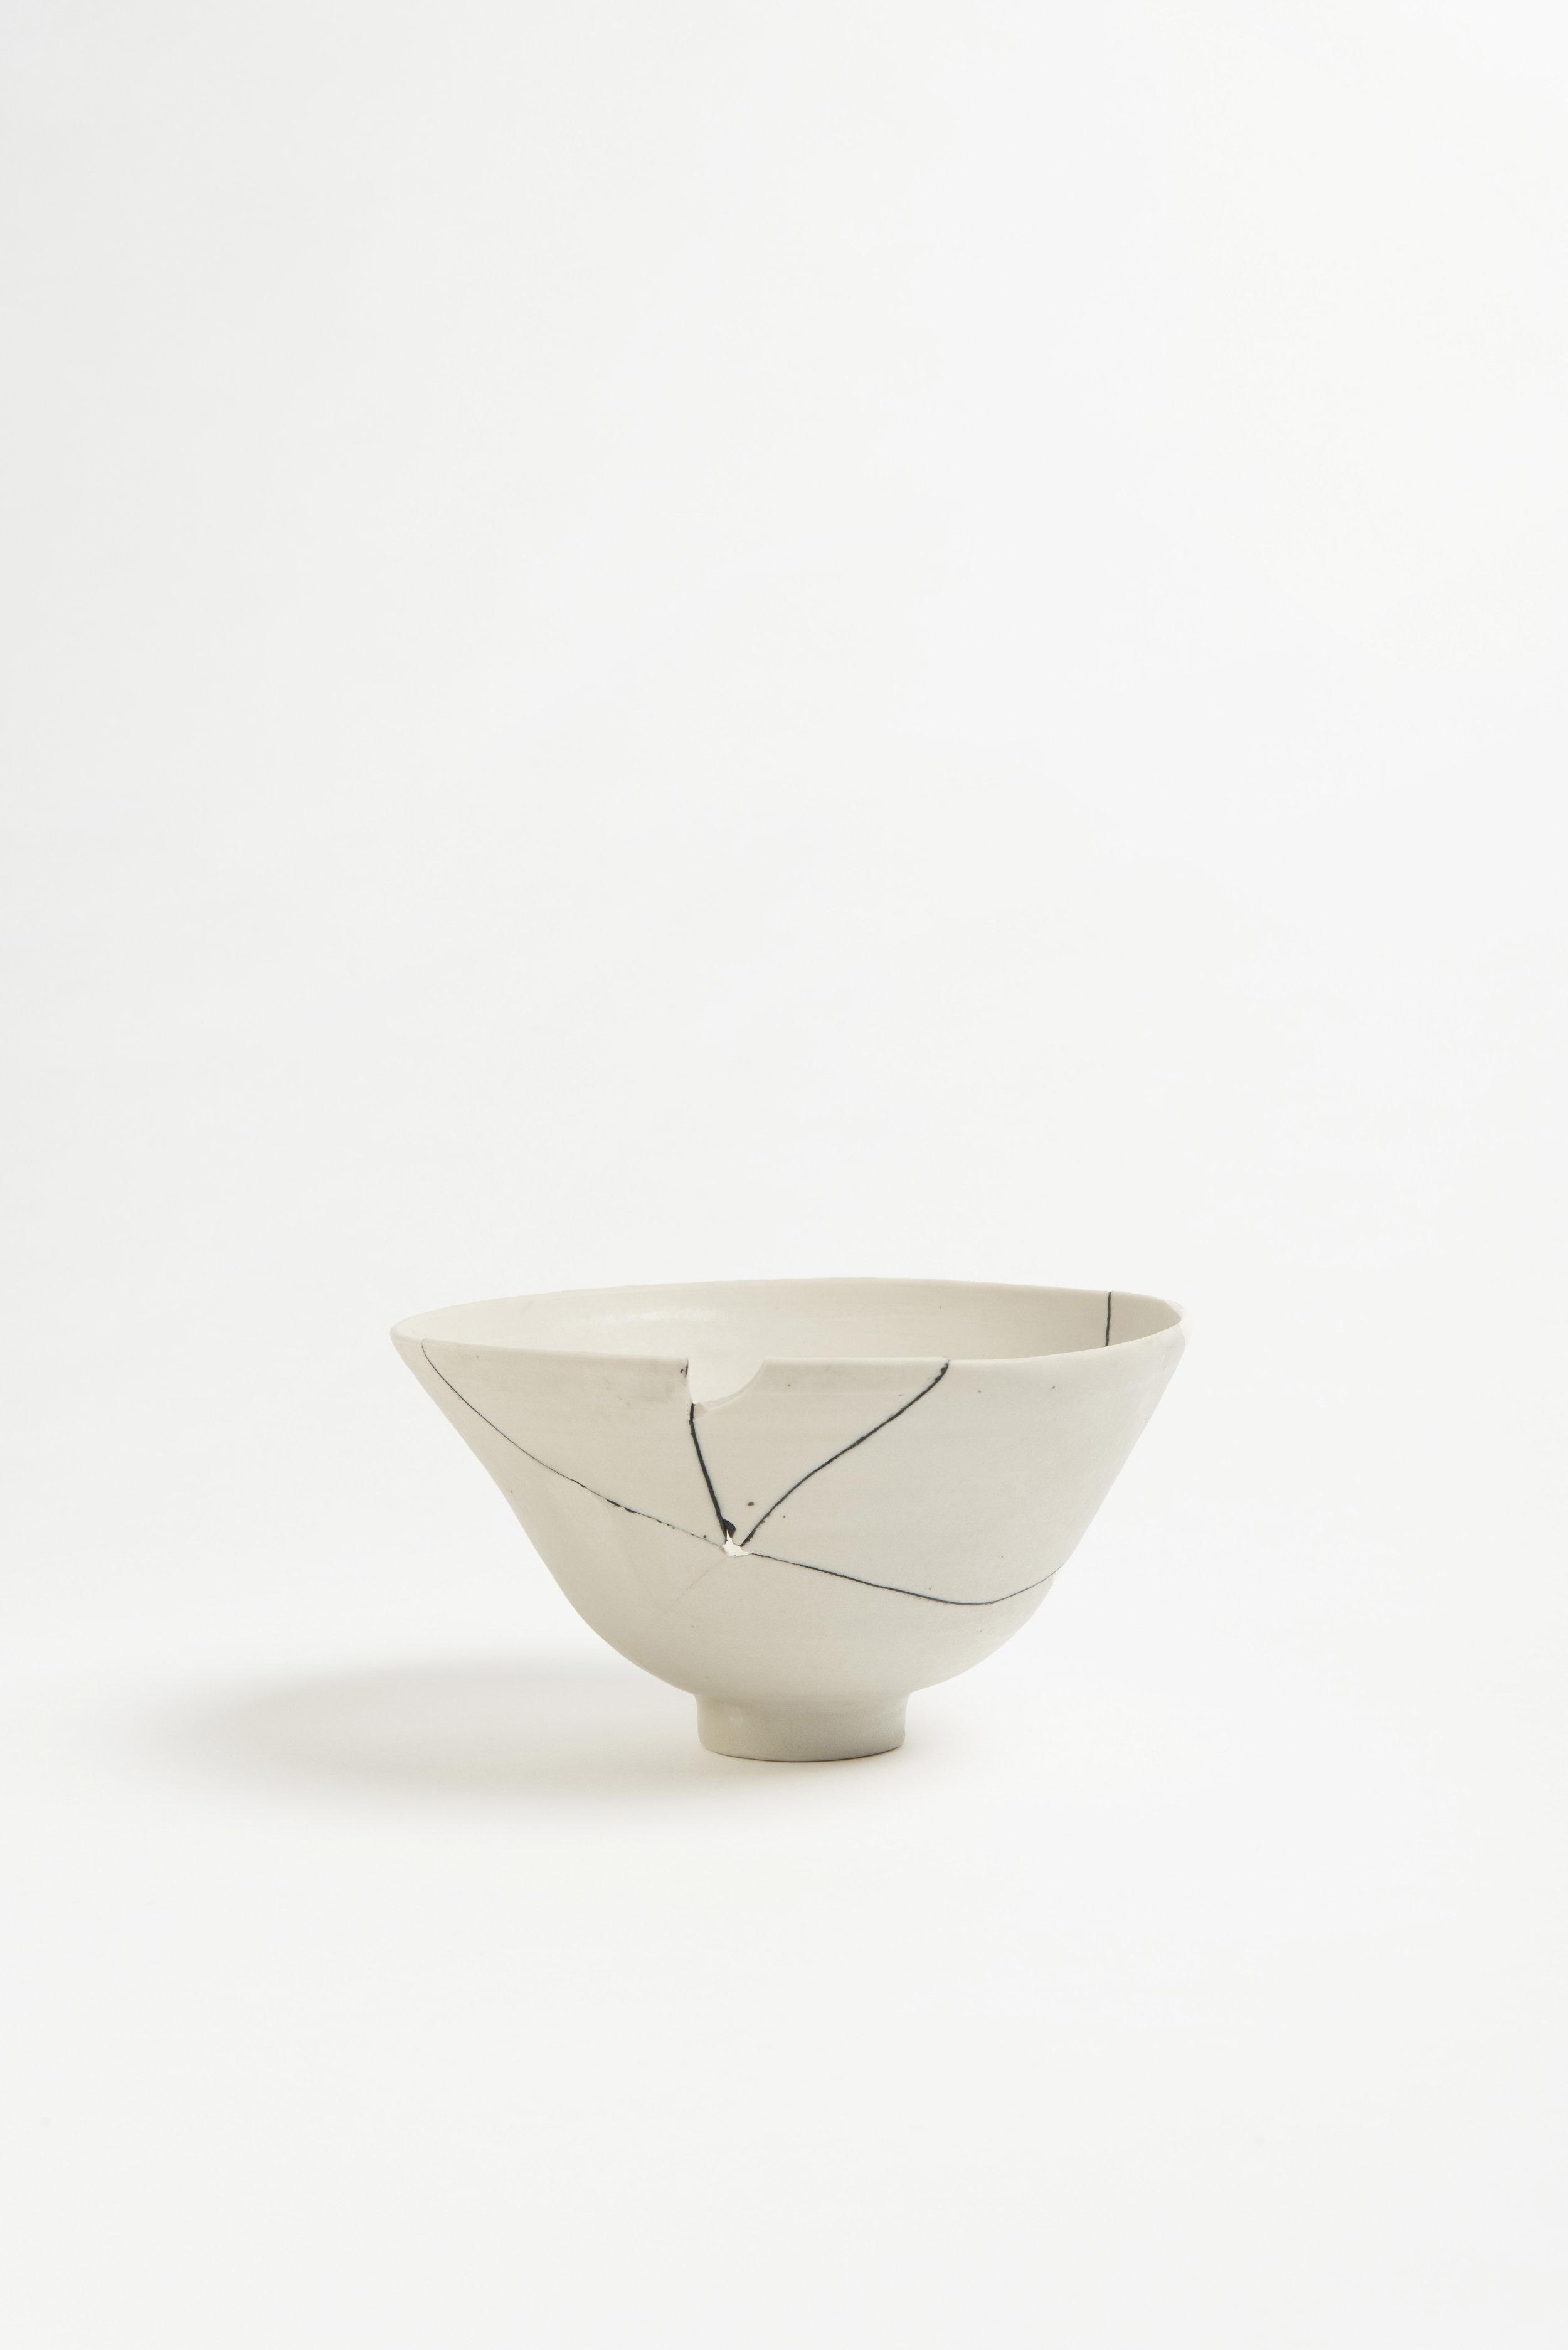 white-fracture-series-bowl-romy-northover-ceramics-the-garnered-02.jpg